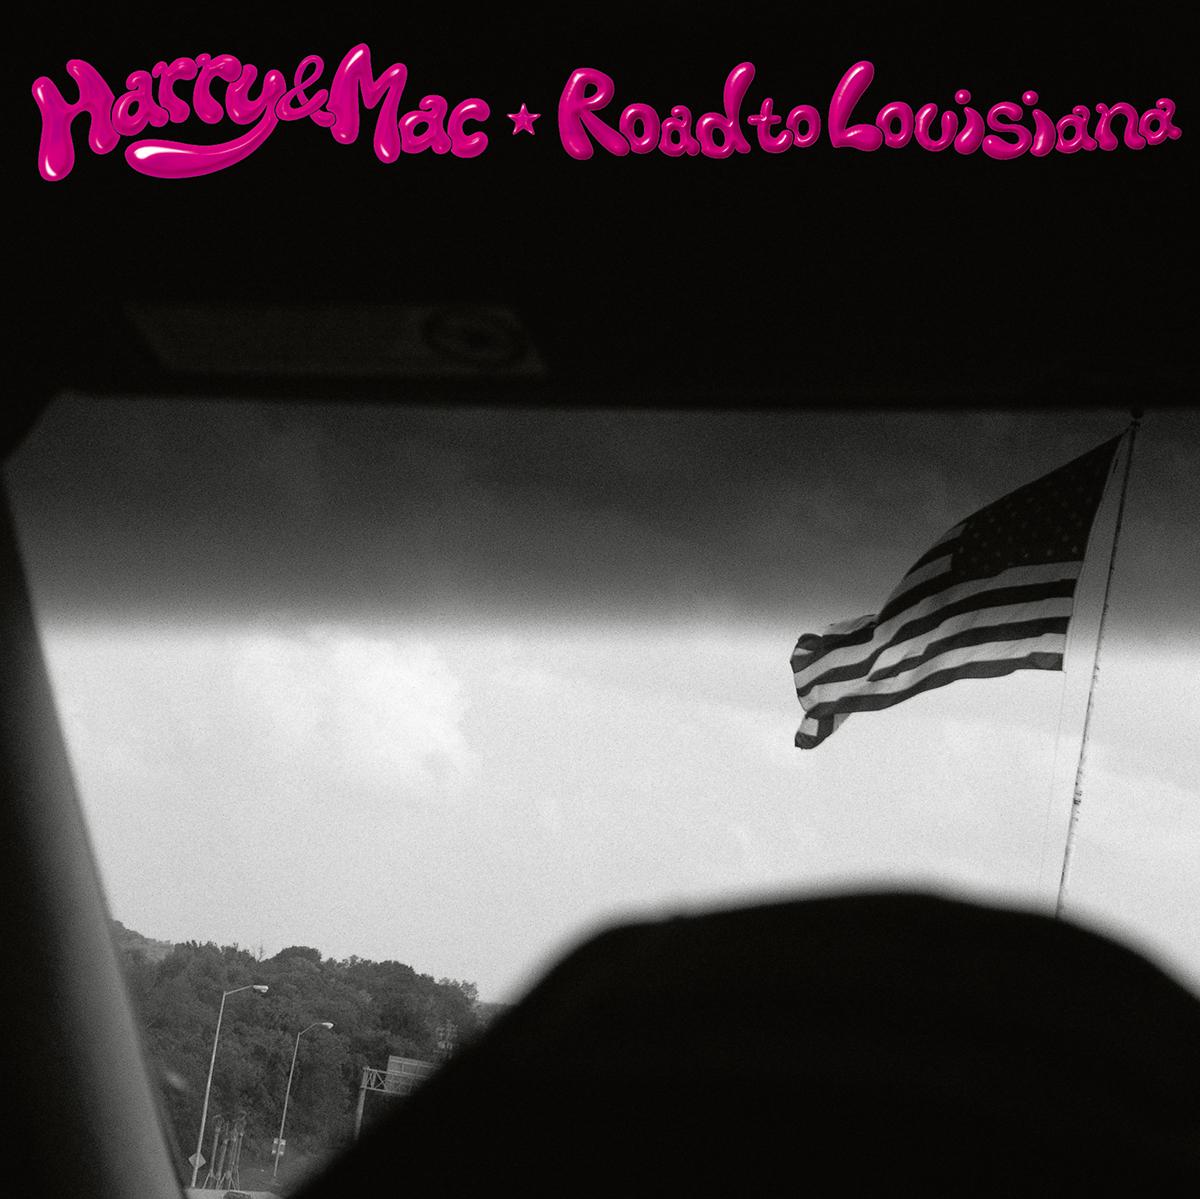 06-008 Harry & Mac – Road to Louisiana